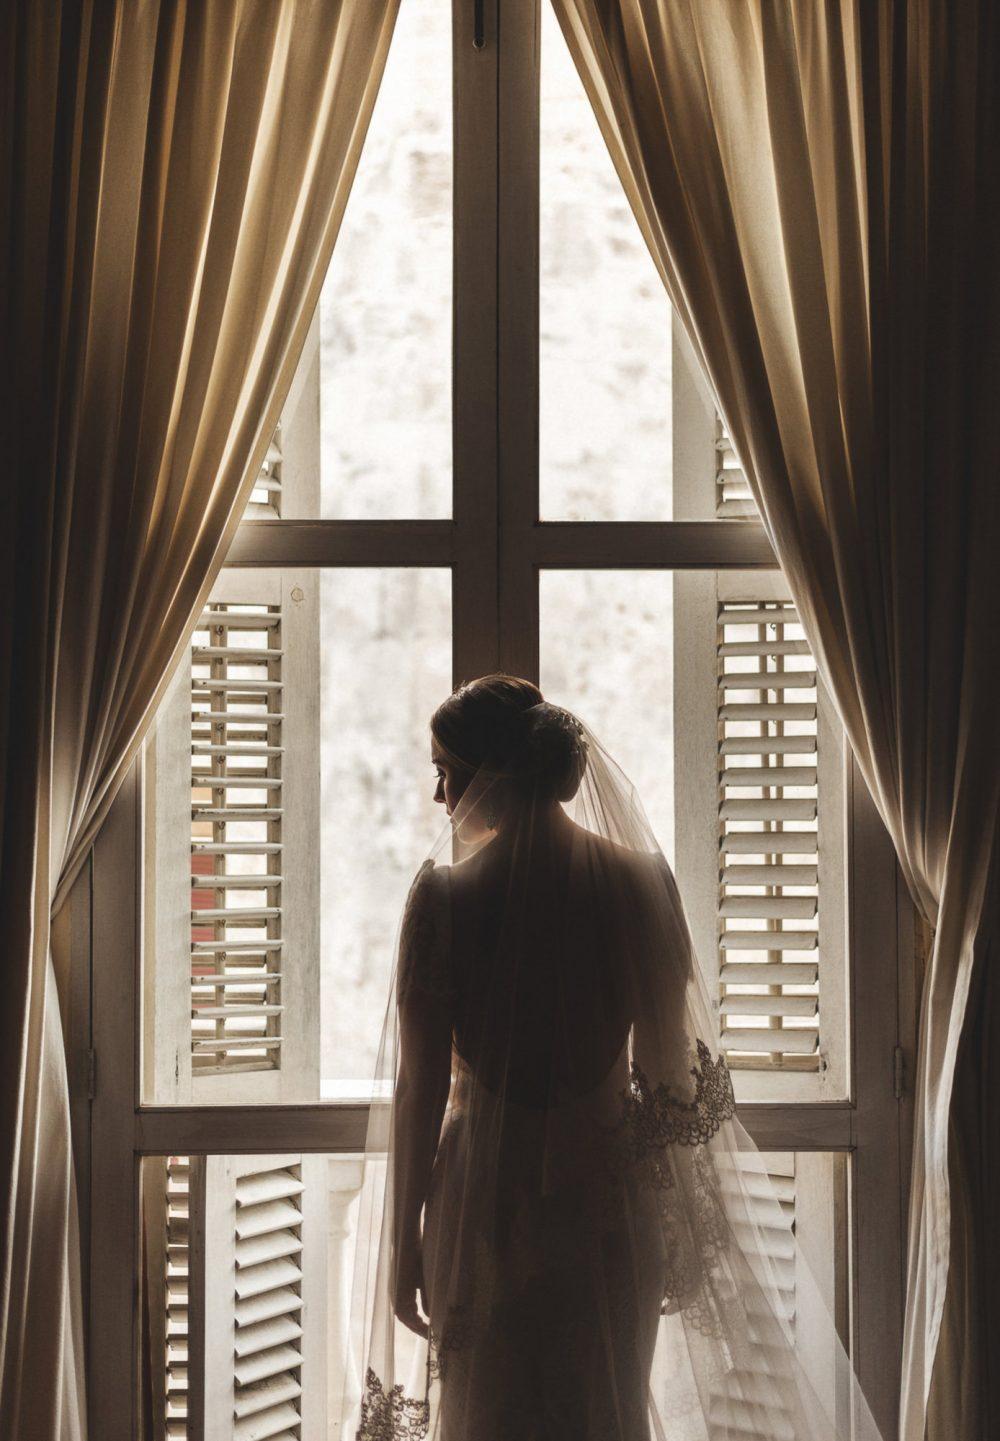 nico fernandez efeunodos fotografia matrimonios colombia